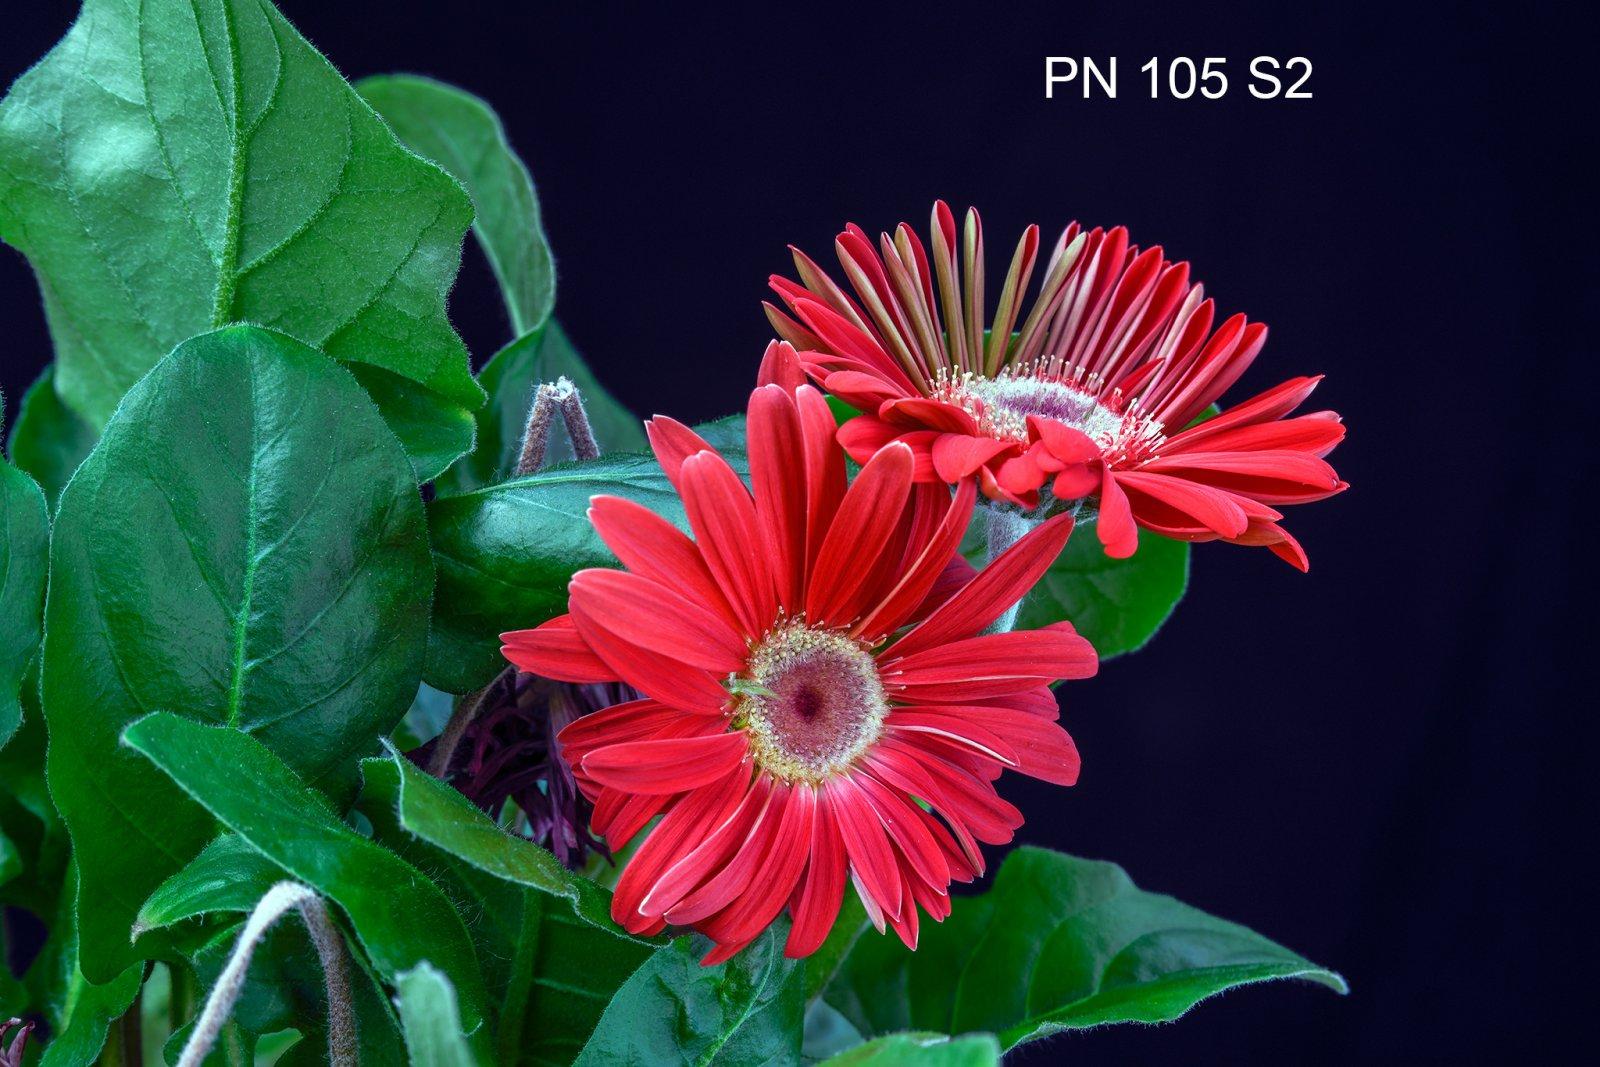 XLABEL_MEB8185-PN105-F11-.jpg